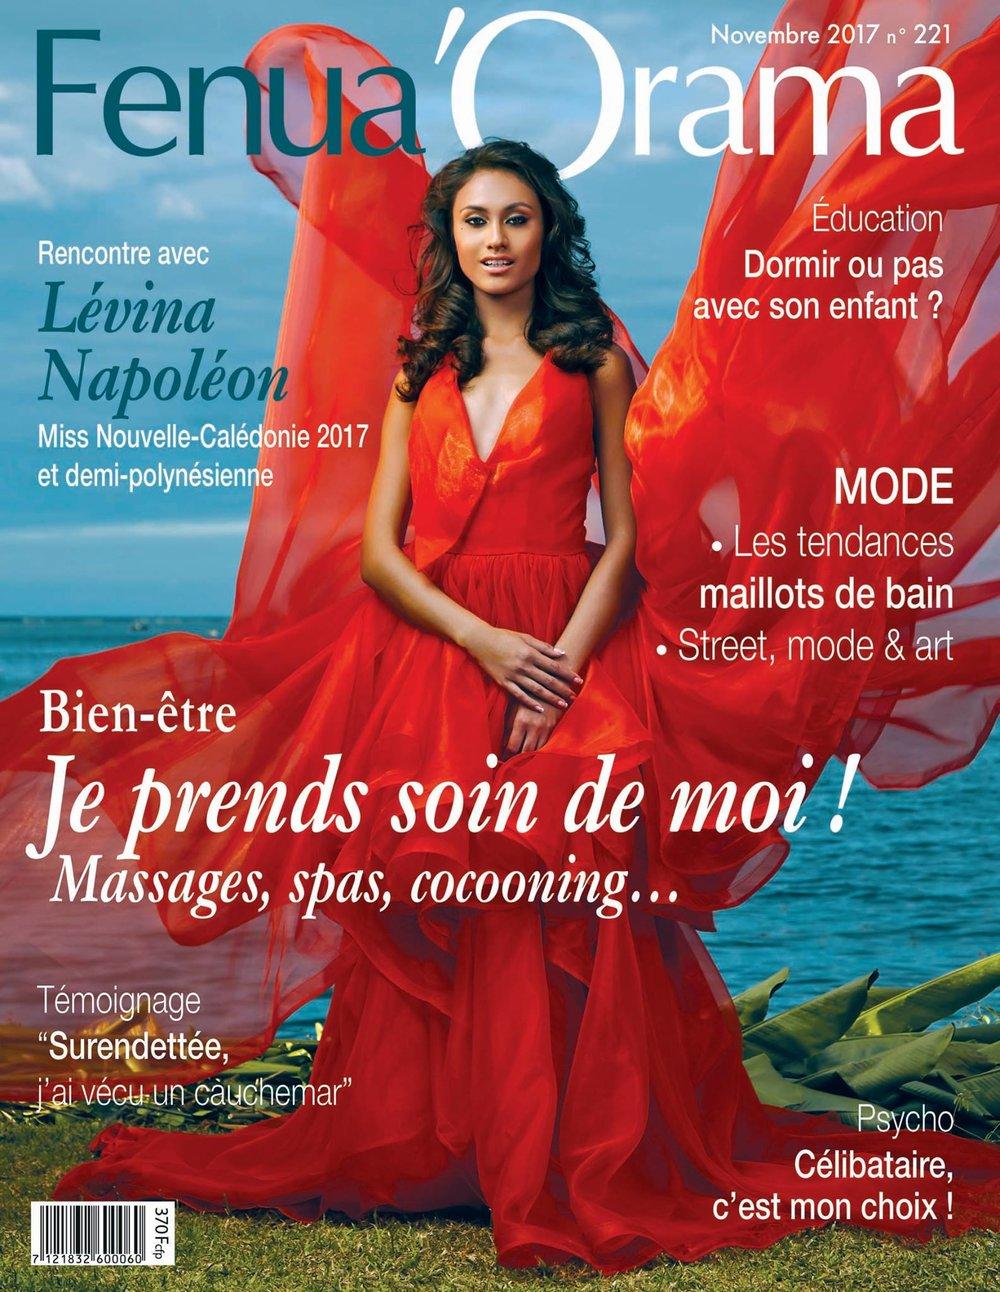 FENUA'ORAMA -Novembre 2017 - Présentation de la collection Mademoiselle M rubrique tout nouveau, tout beau! p.13